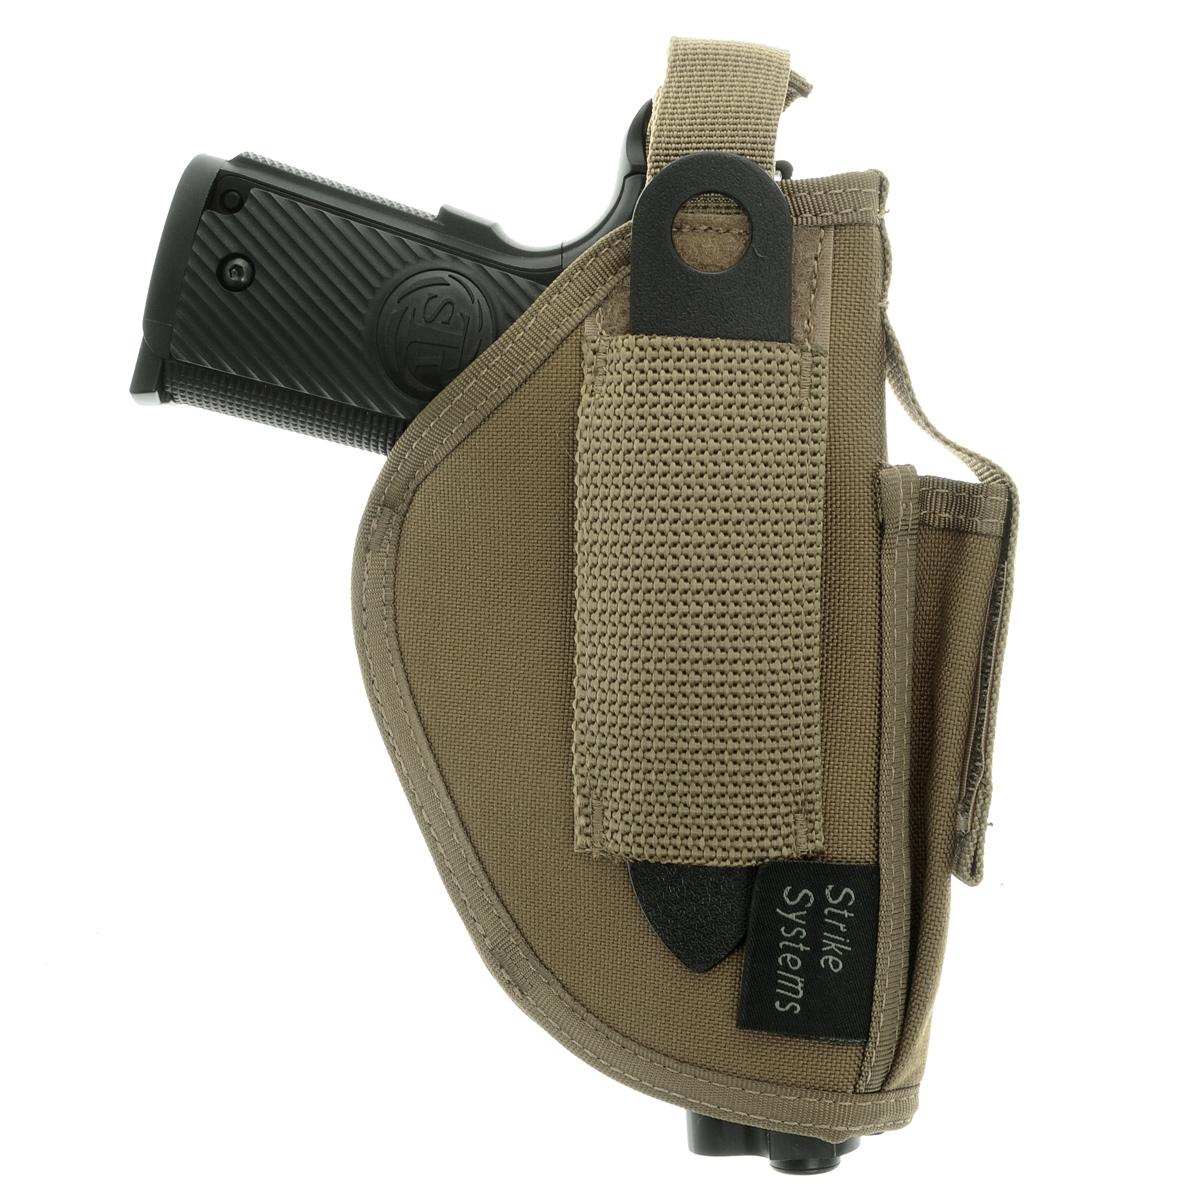 Кобура ASG оперативная для M92, G17/18, STI, CZ, Steyr, Bersa, цвет: Tan (17021)17021Кобура оперативная (для ношения под мышкой) для пневматических и страйкбольных пистолетов серий M92, G17/18, STI, CZ, Steyr, Bersa (полноразмерные и среднеразмерные - Full Frame и Mid Frame) с подсумком для запасного магазина. Предназначена для ношения в тире и на полигоне. Не рассчитана на скрытое ношение. Показанные на фото оружие и аксессуары в комплект не входят. Не рассчитана на использование с боевым оружием. Подходит для правшей. Регулируется по размерам. Комфортные мягкие лямки. Двойные швы. Из износостойкого и влагостойкого нейлона. Возврат товара возможен только при наличии заключения сервисного центра. Время работы сервисного центра: Пн-чт: 10.00-18.00 Пт: 10.00- 17.00 Сб, Вс: выходные дни Адрес: ООО ГАТО, 121471, г.Москва, ул. Петра Алексеева, д 12., тел. (495)232-4670, gato@gato.ru Характеристики: Материал: нейлон. Размер кобуры (без креплений): 18 см х 11...